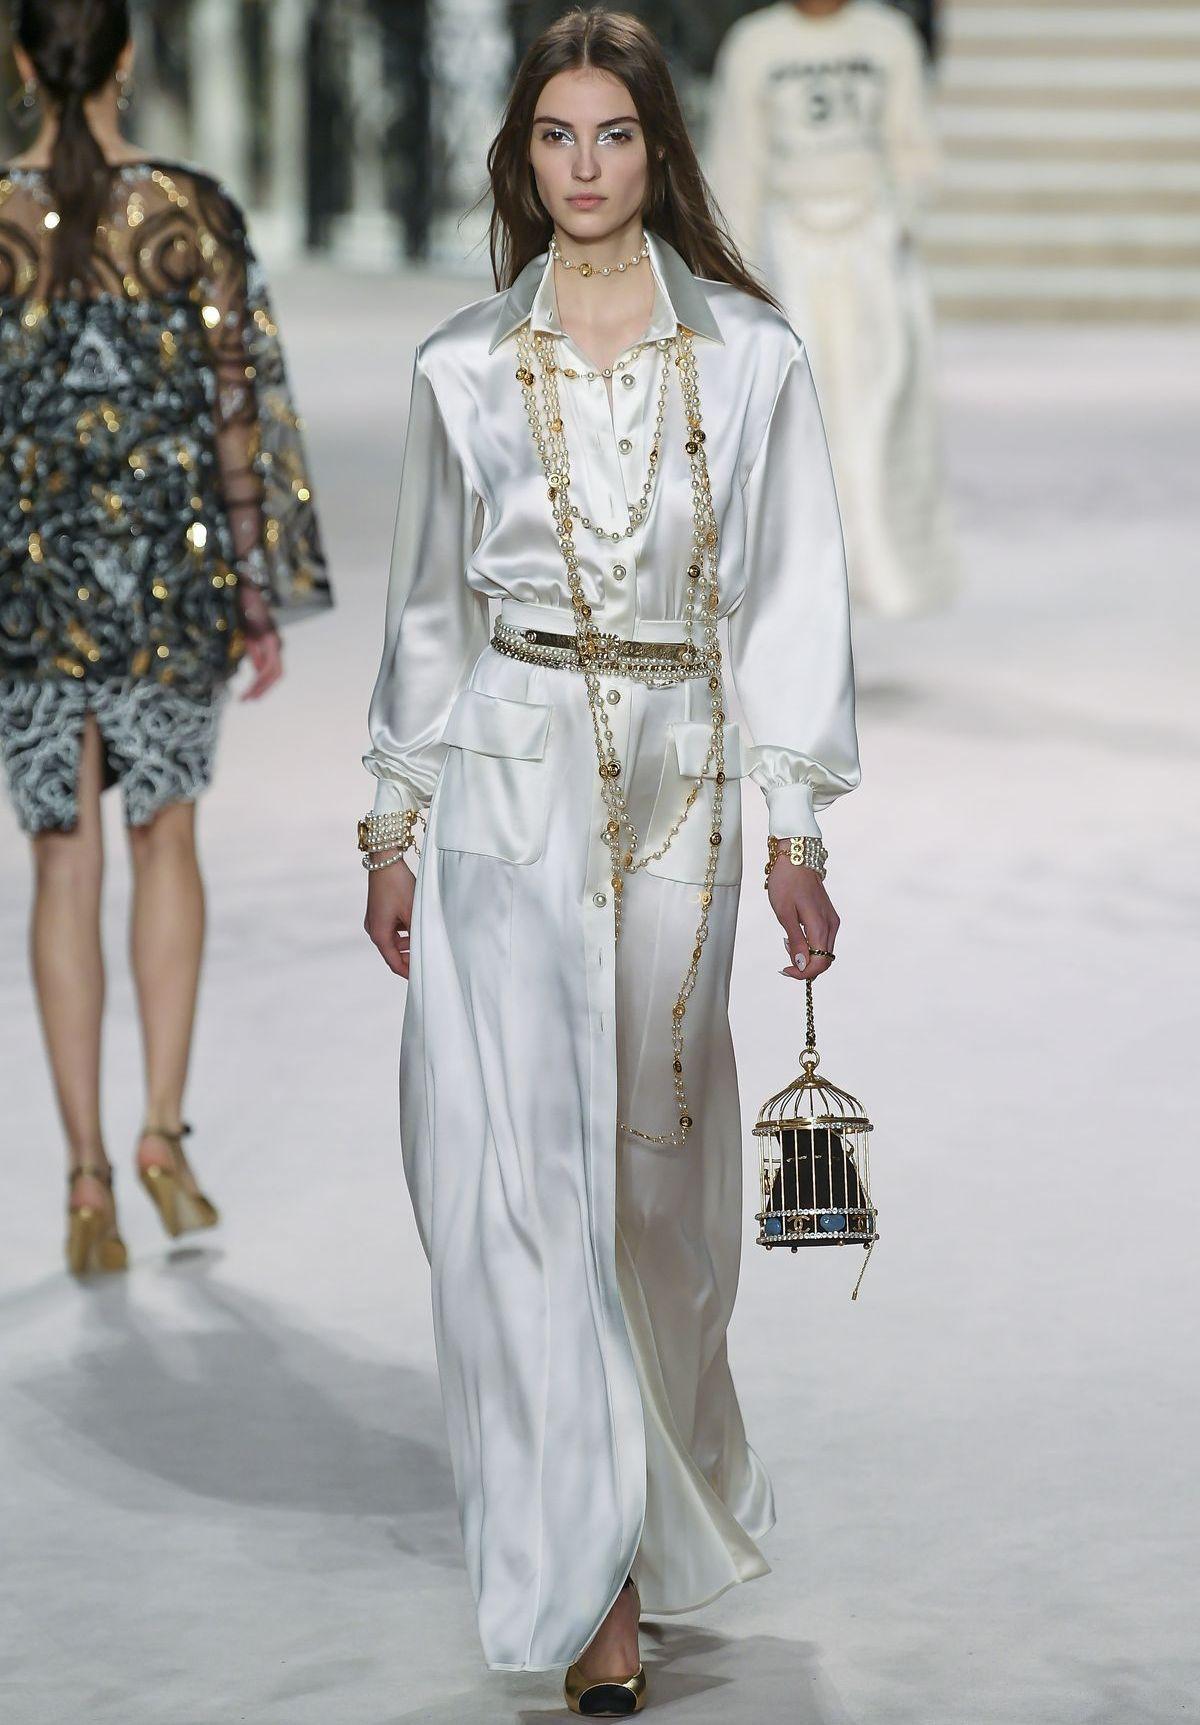 Publisher-Lizenzen für Mode-Fotos online kaufen (ddp images)